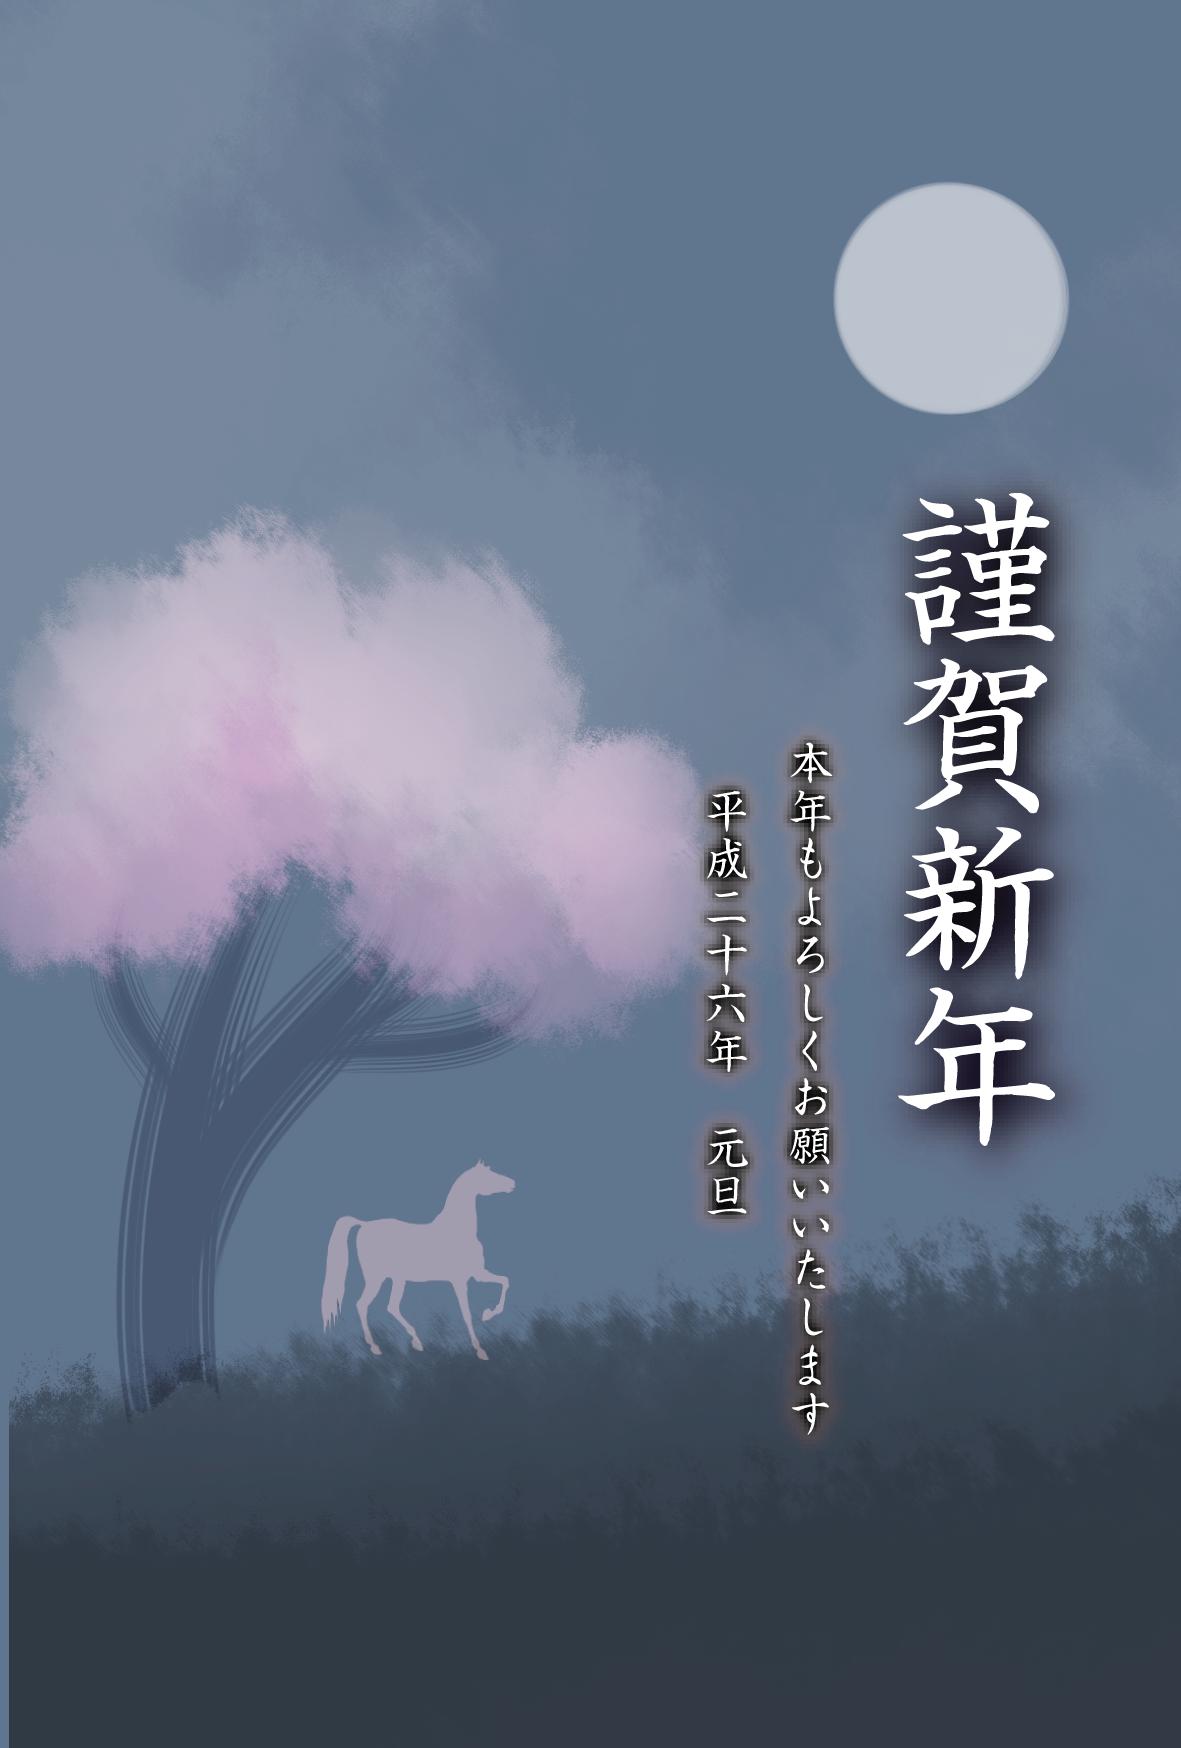 年賀状素材 月夜と桜と馬